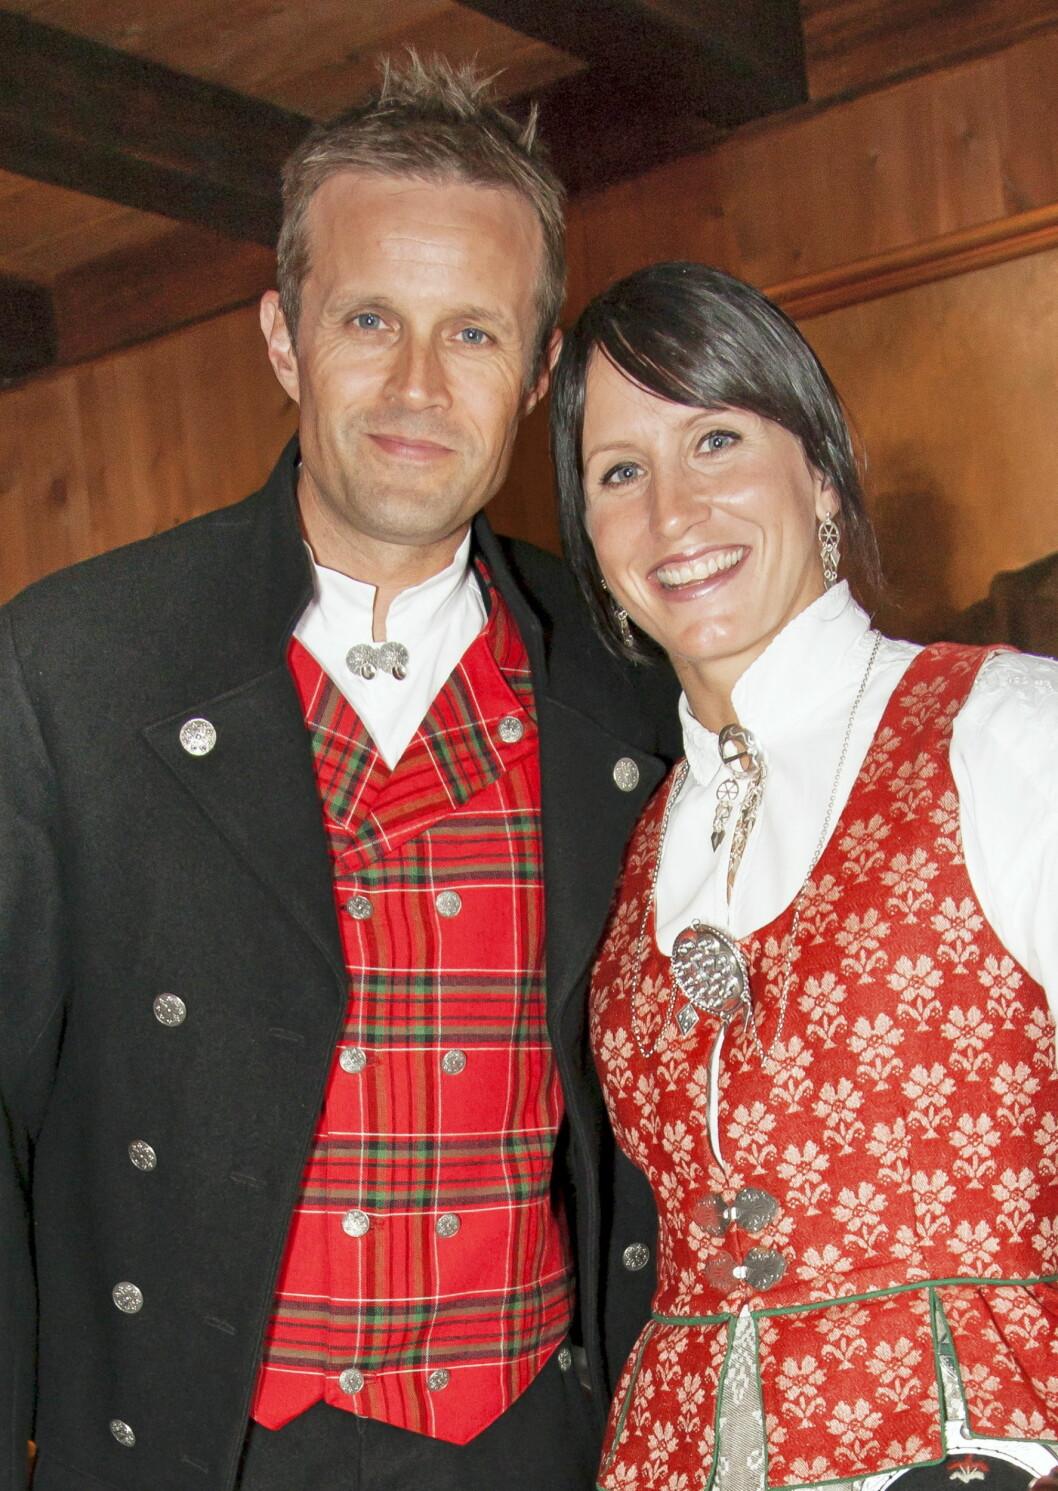 <strong>NYBAKTE FORELDRE:</strong> Marit og Fred Børre ble foreldre i romjulen etter å ha vært kjærester i ti år.  Foto: Erlend Haugen